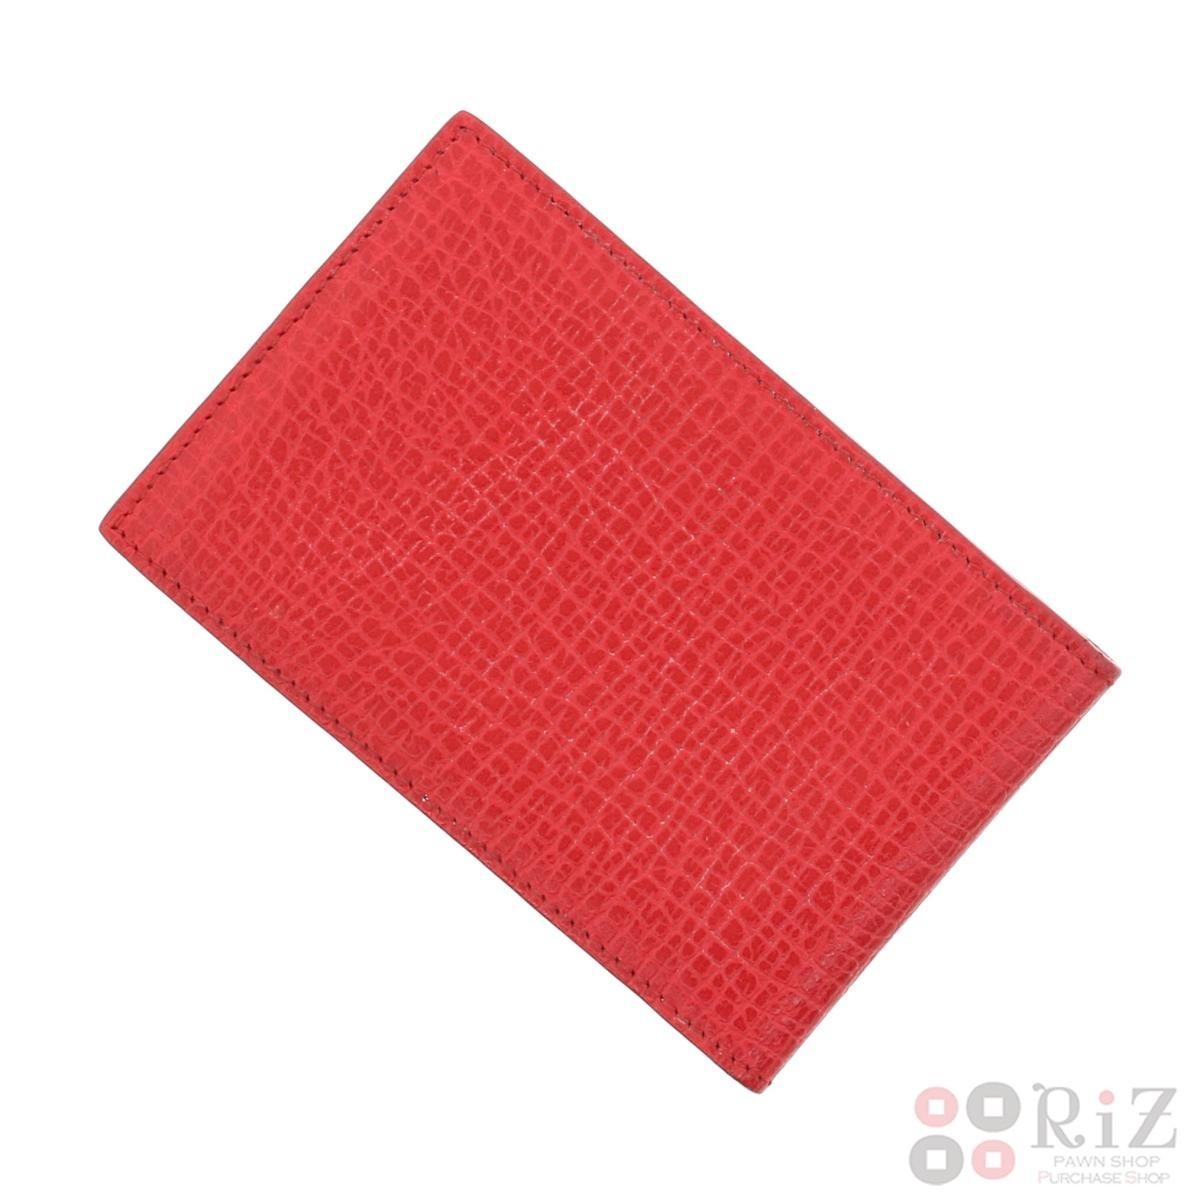 【中古】LOEWE (ロエベ) カードケース 小物 名刺入れ/カードケース  Red/レッド  used:B